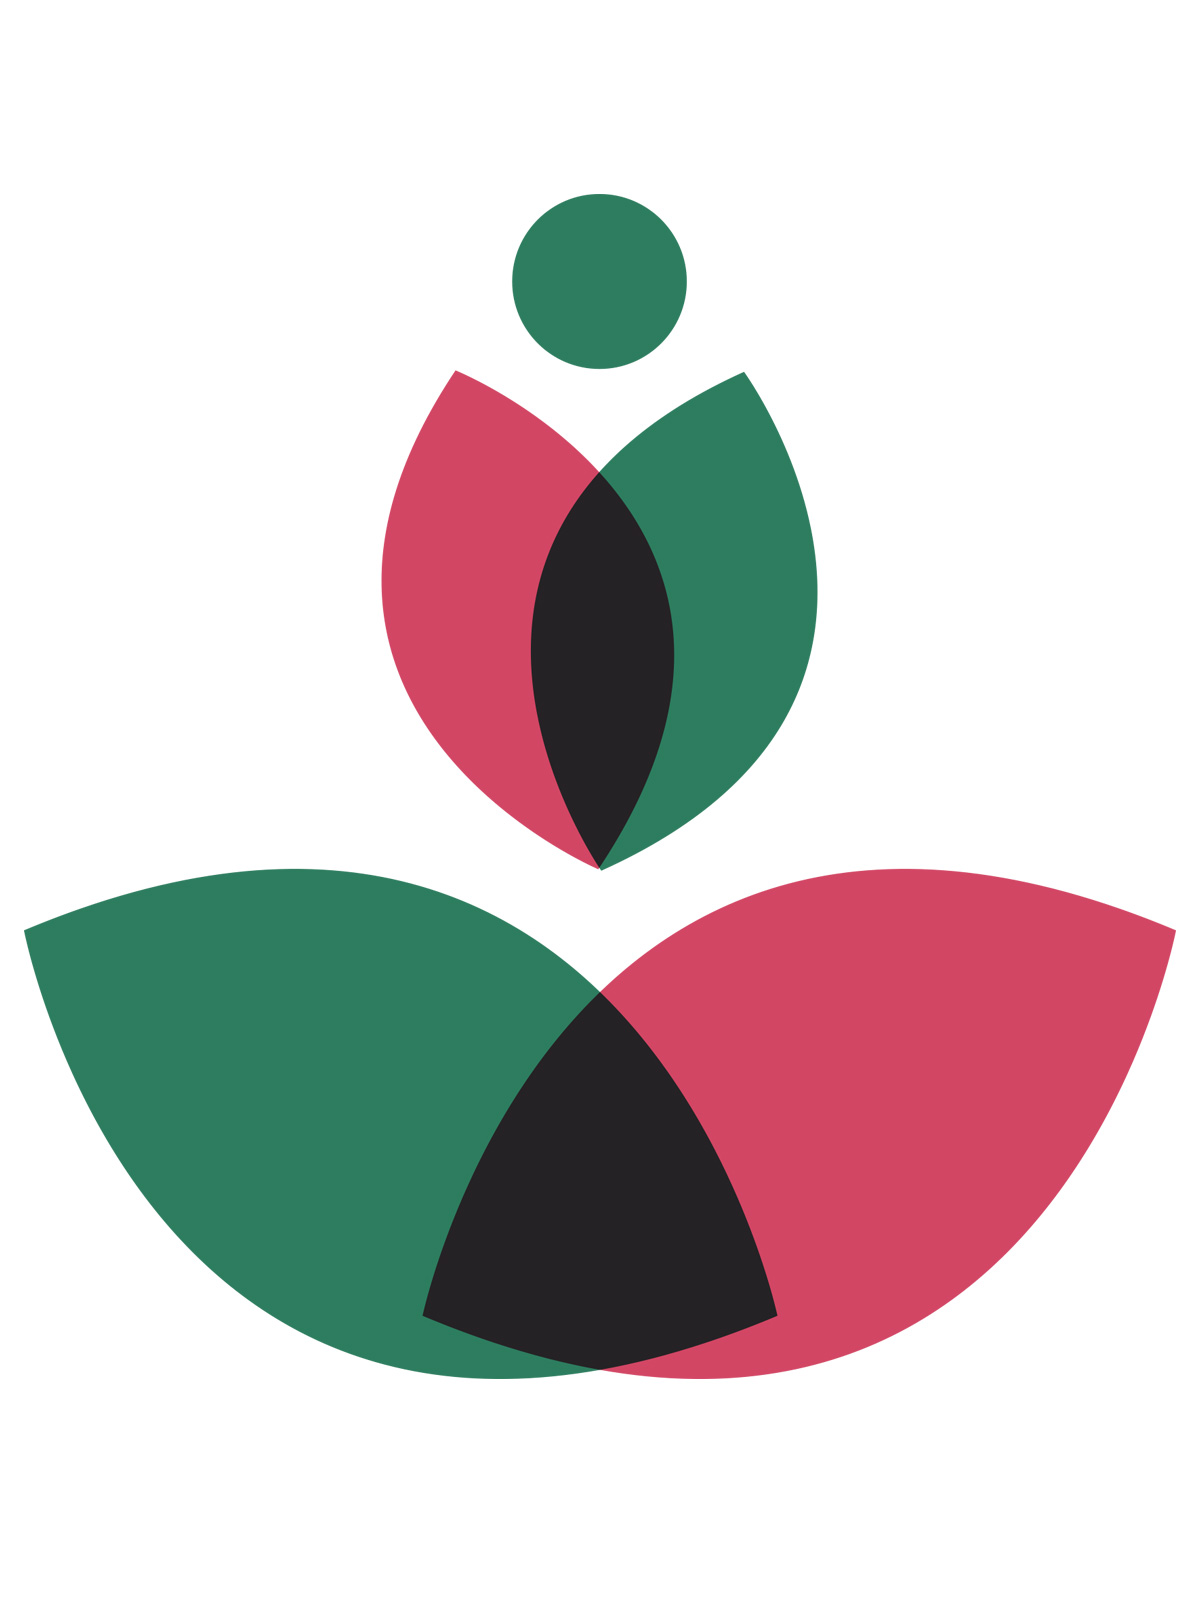 Vitacura, Melanie Brandel - Manufaktur für Gestaltung, Bern, Solothurn, Design, Grafik, Art Direction, Typografie, Webdesign, Branding, Corporate Design, Editorial Design, Logos, Geschäftsberichte, Buchdesign